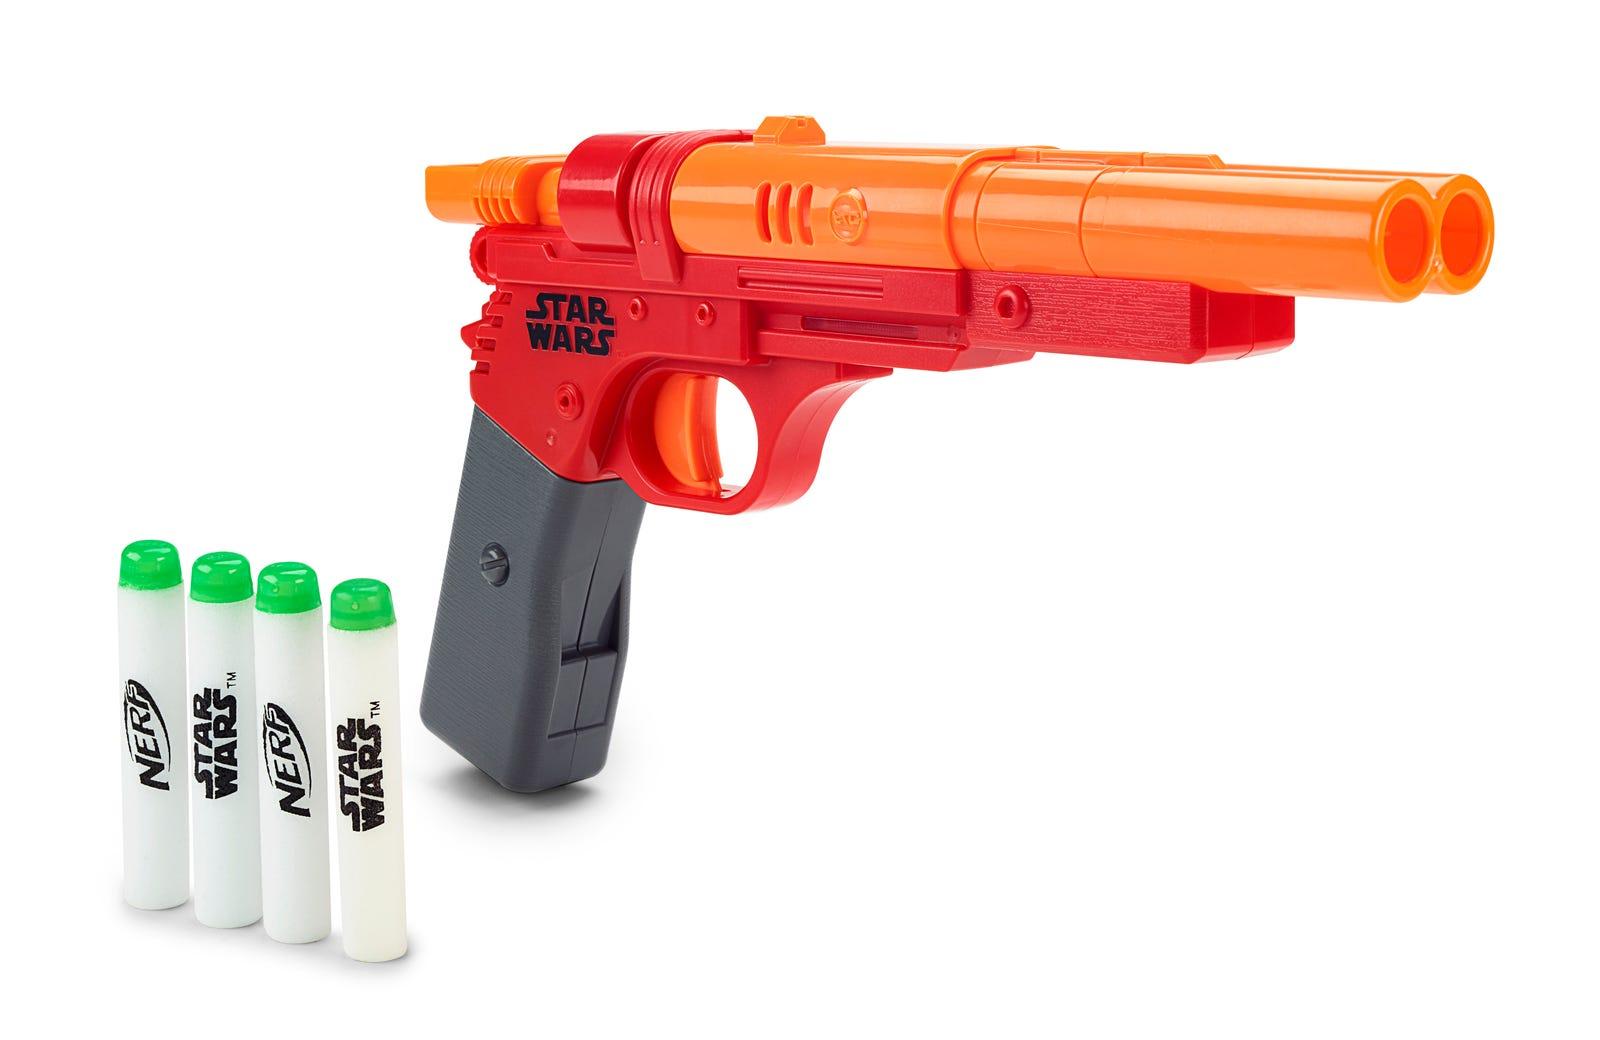 NERF Glowstrike Qi'ra Blaster ($19.99)